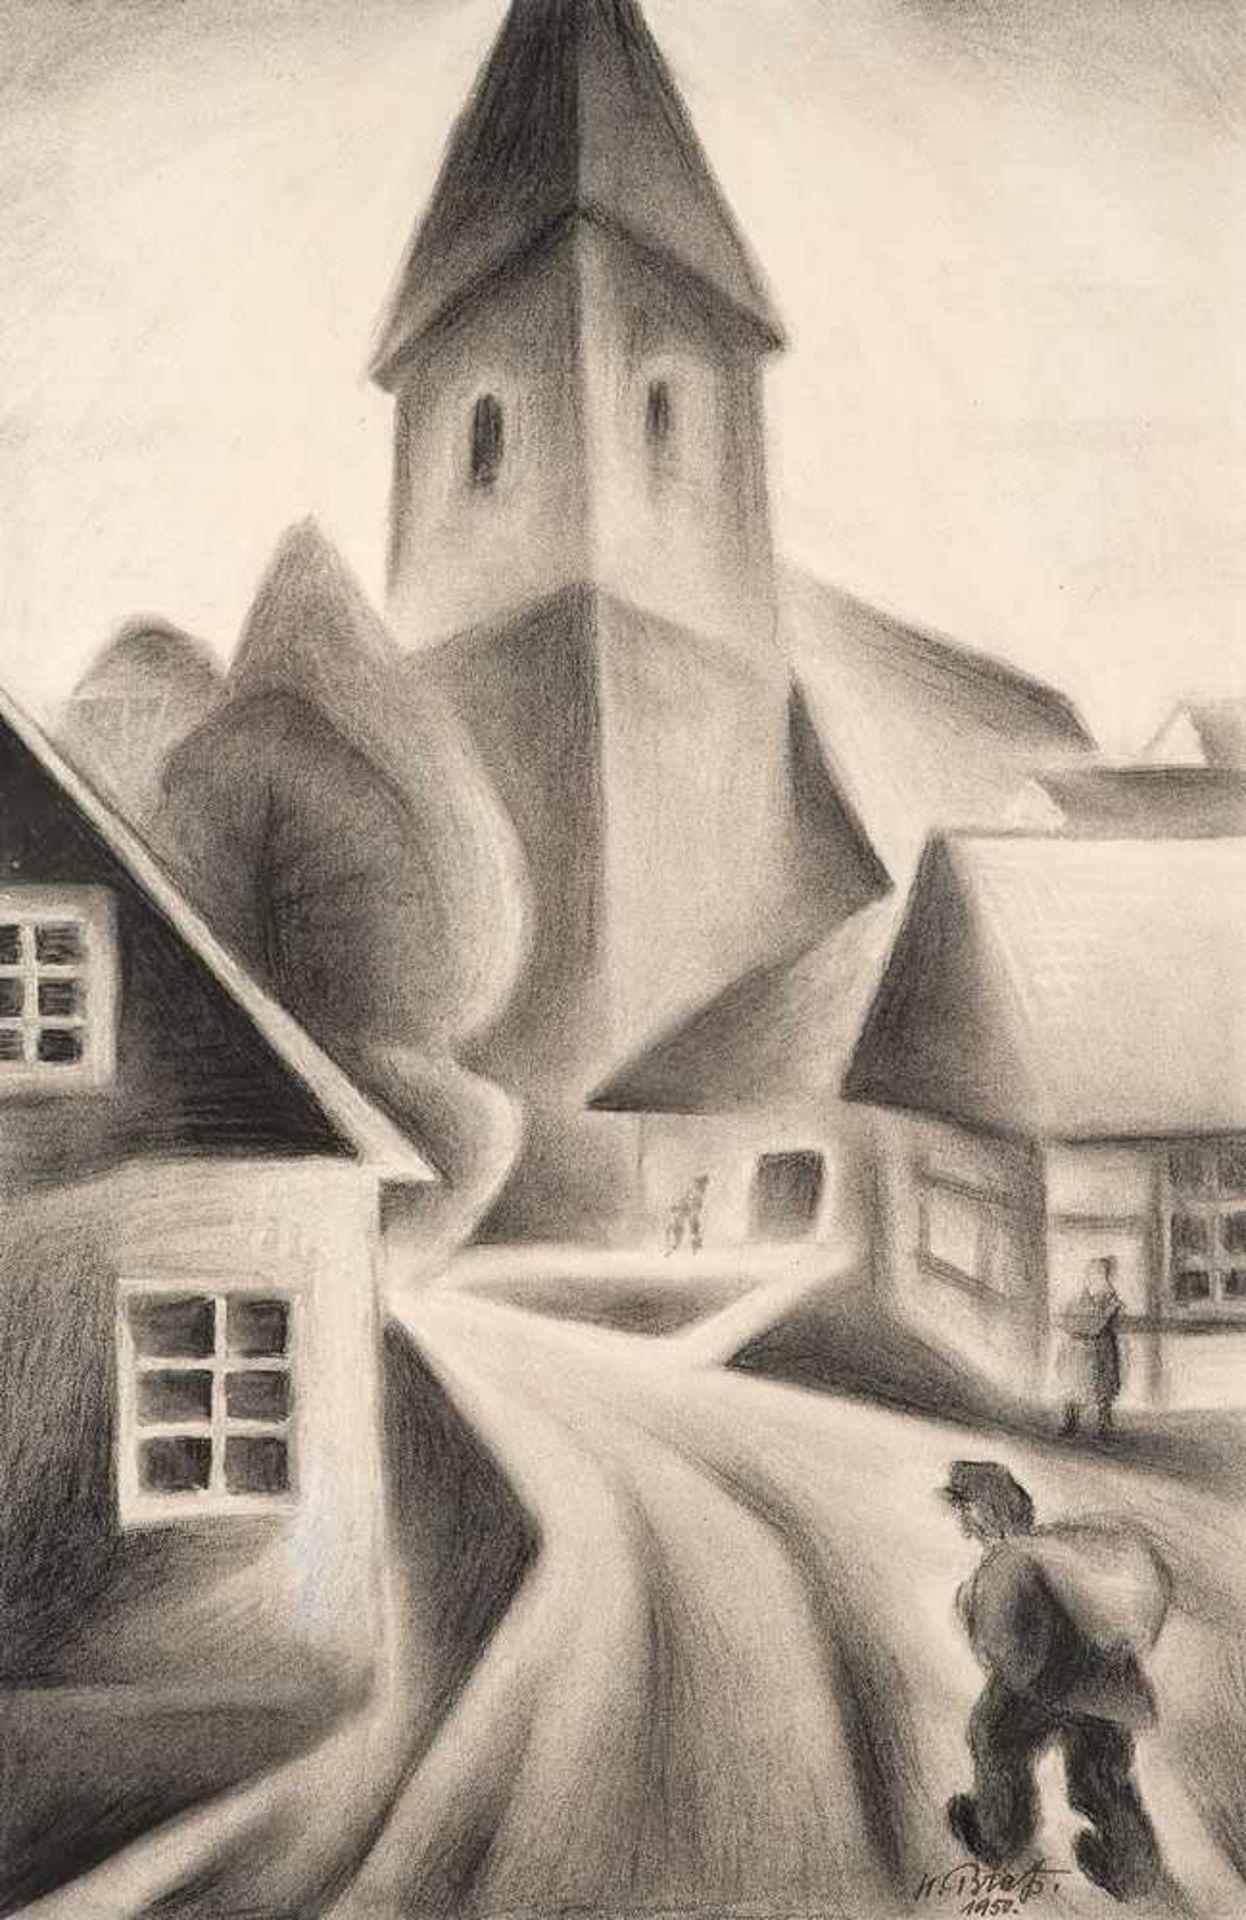 Hans Brass (1885 Wesel - 1959 Berlin)Schlesisches Dorf. Schwarze Kreide, teilweise gewischt. 1950.